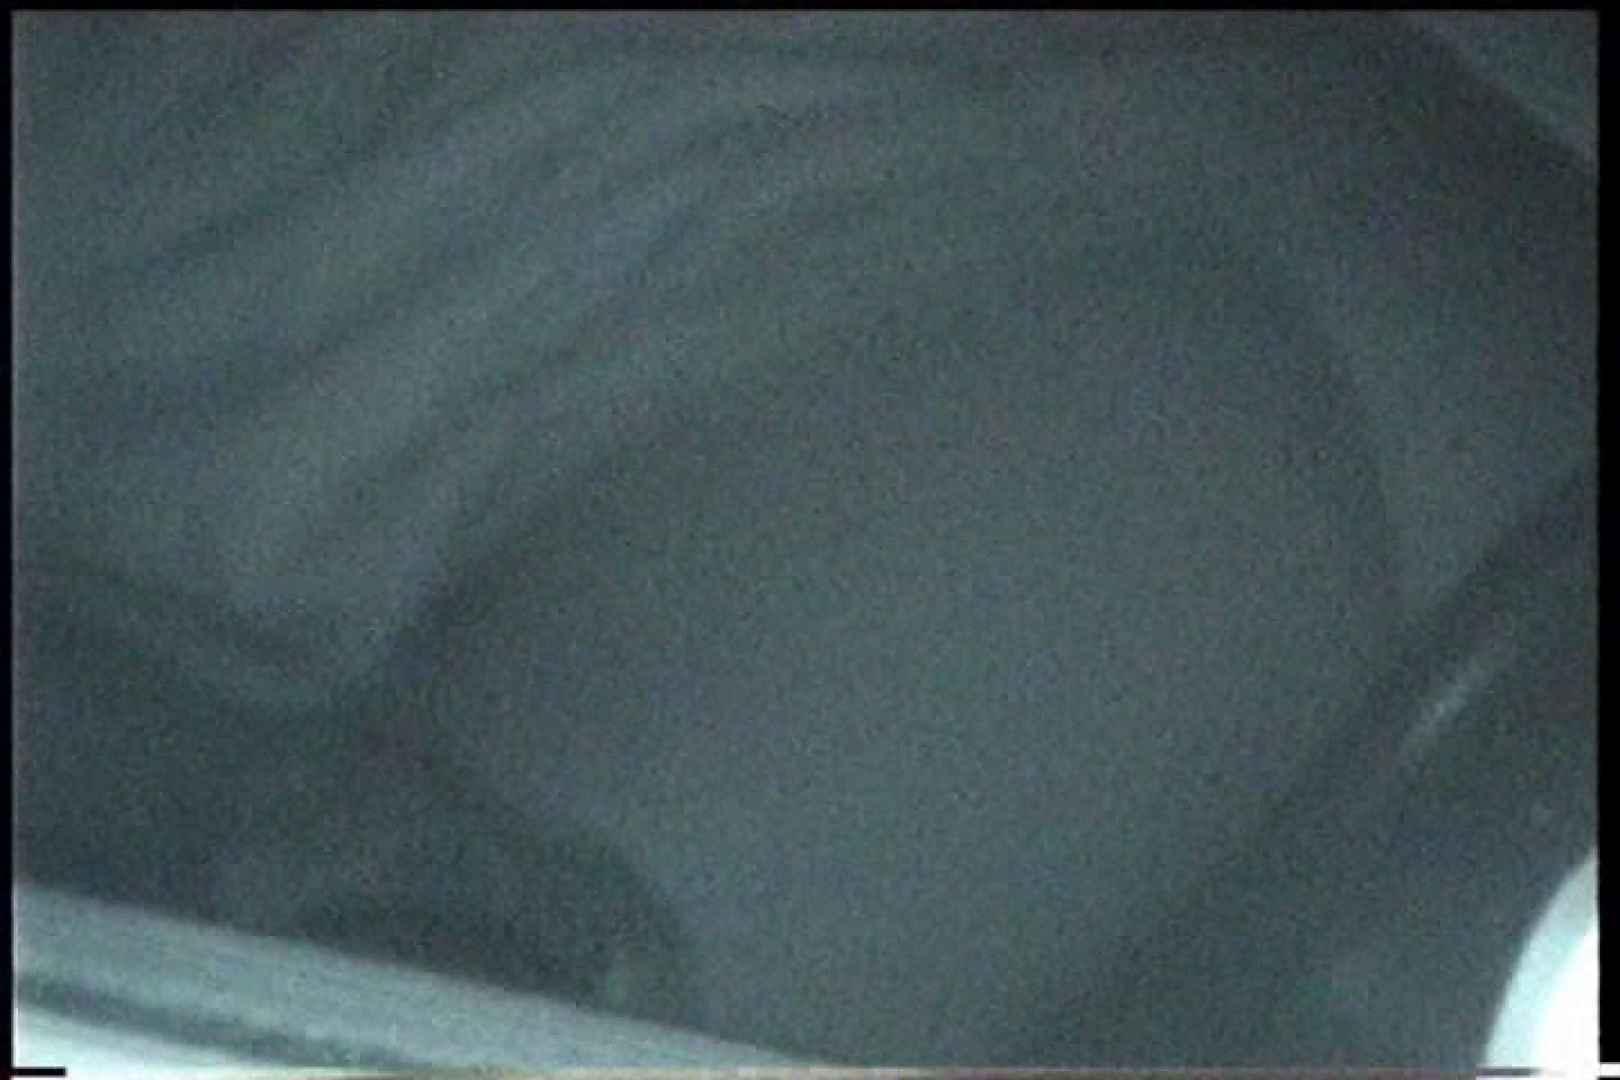 充血監督の深夜の運動会Vol.203 OLエロ画像  99PICs 46